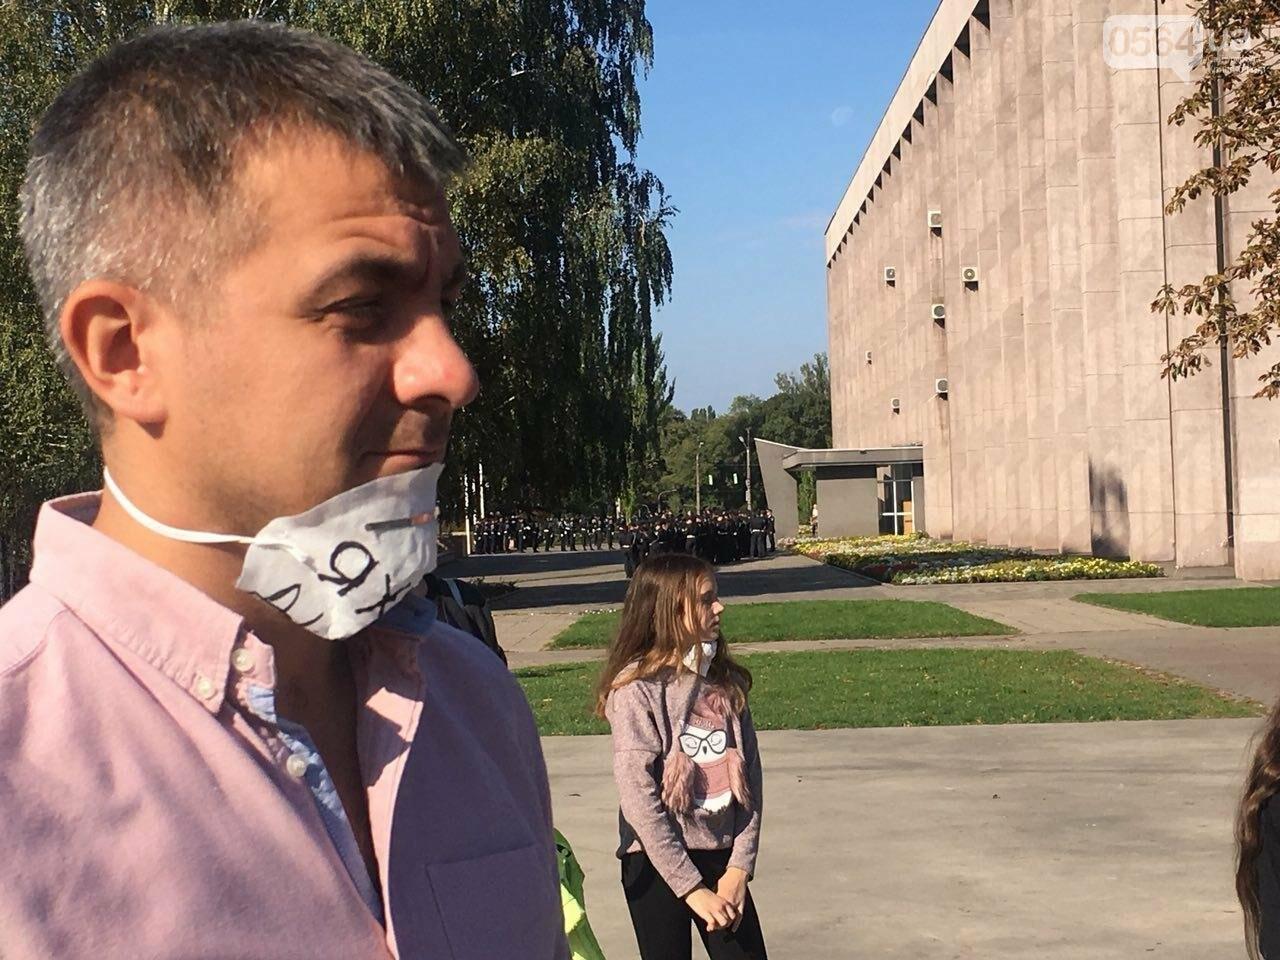 Криворожане вышли на акцию #ЯХочуДихати и отстаивают свое право на чистый воздух, - ФОТО, ПРЯМОЙ ЭФИР, фото-7